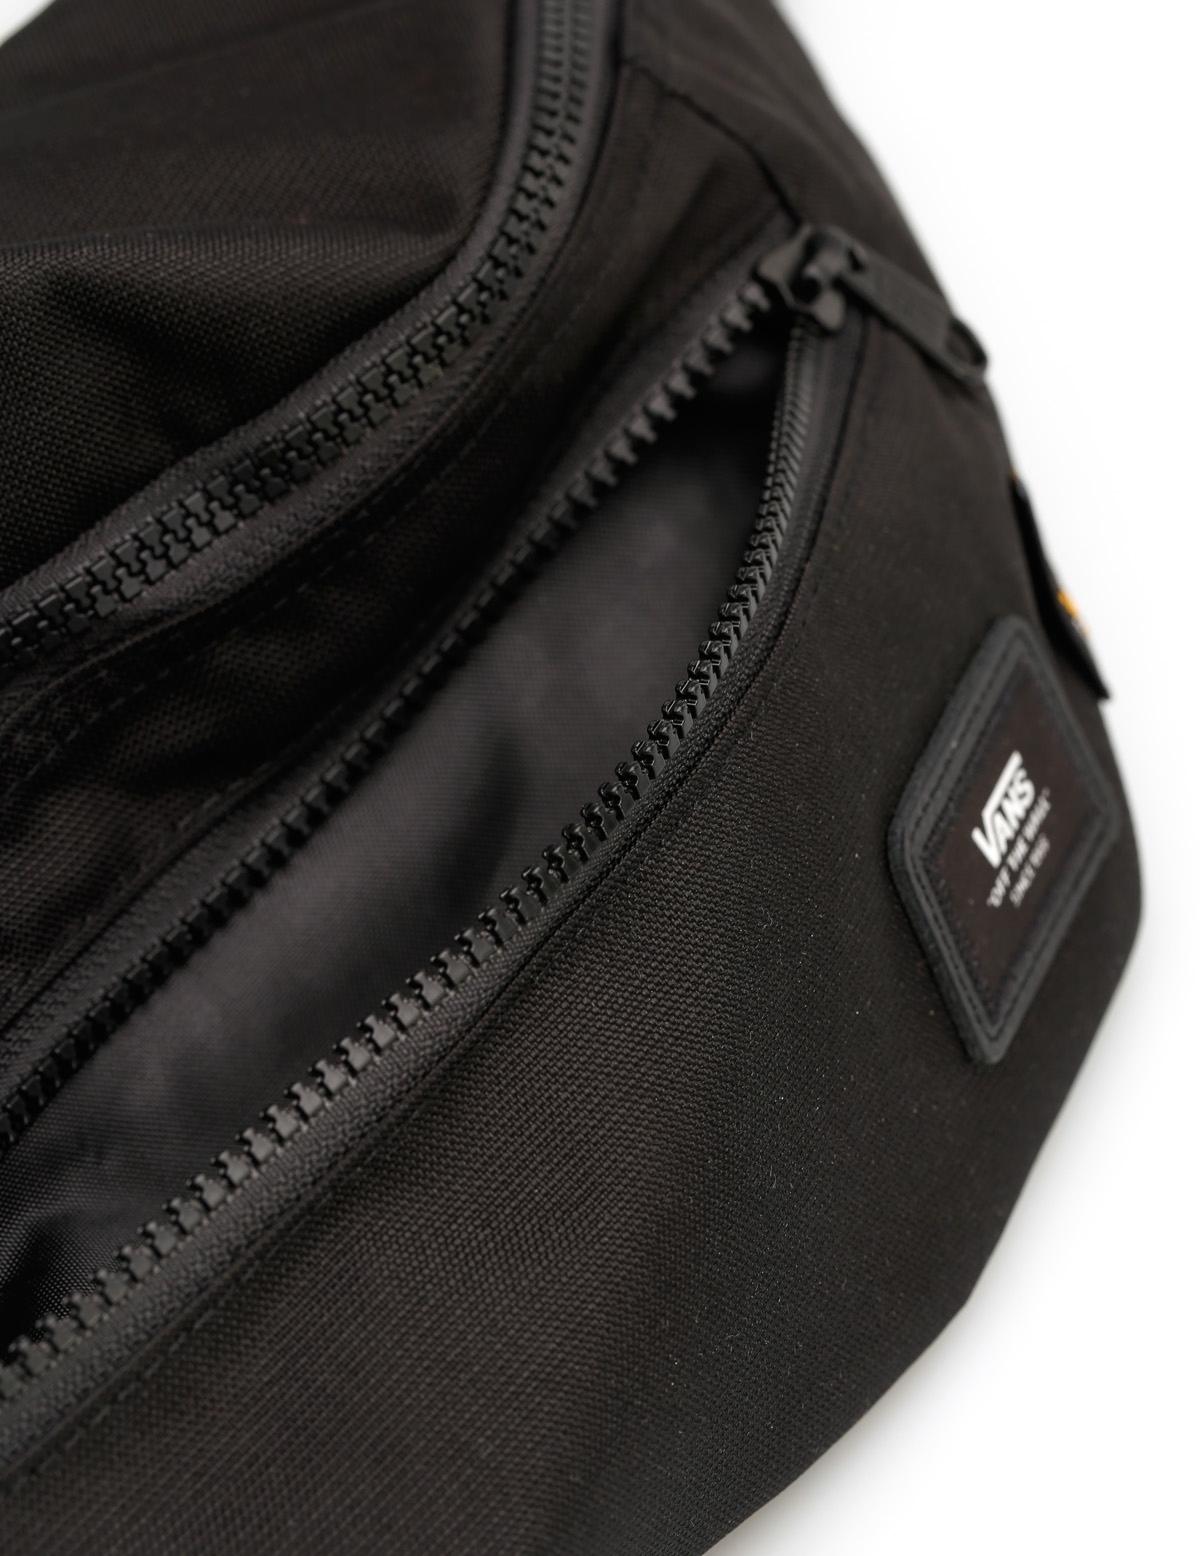 69df4a42cbc17 VANS NERKA saszetka torba na pas lub przez ramię - 7355283028 ...